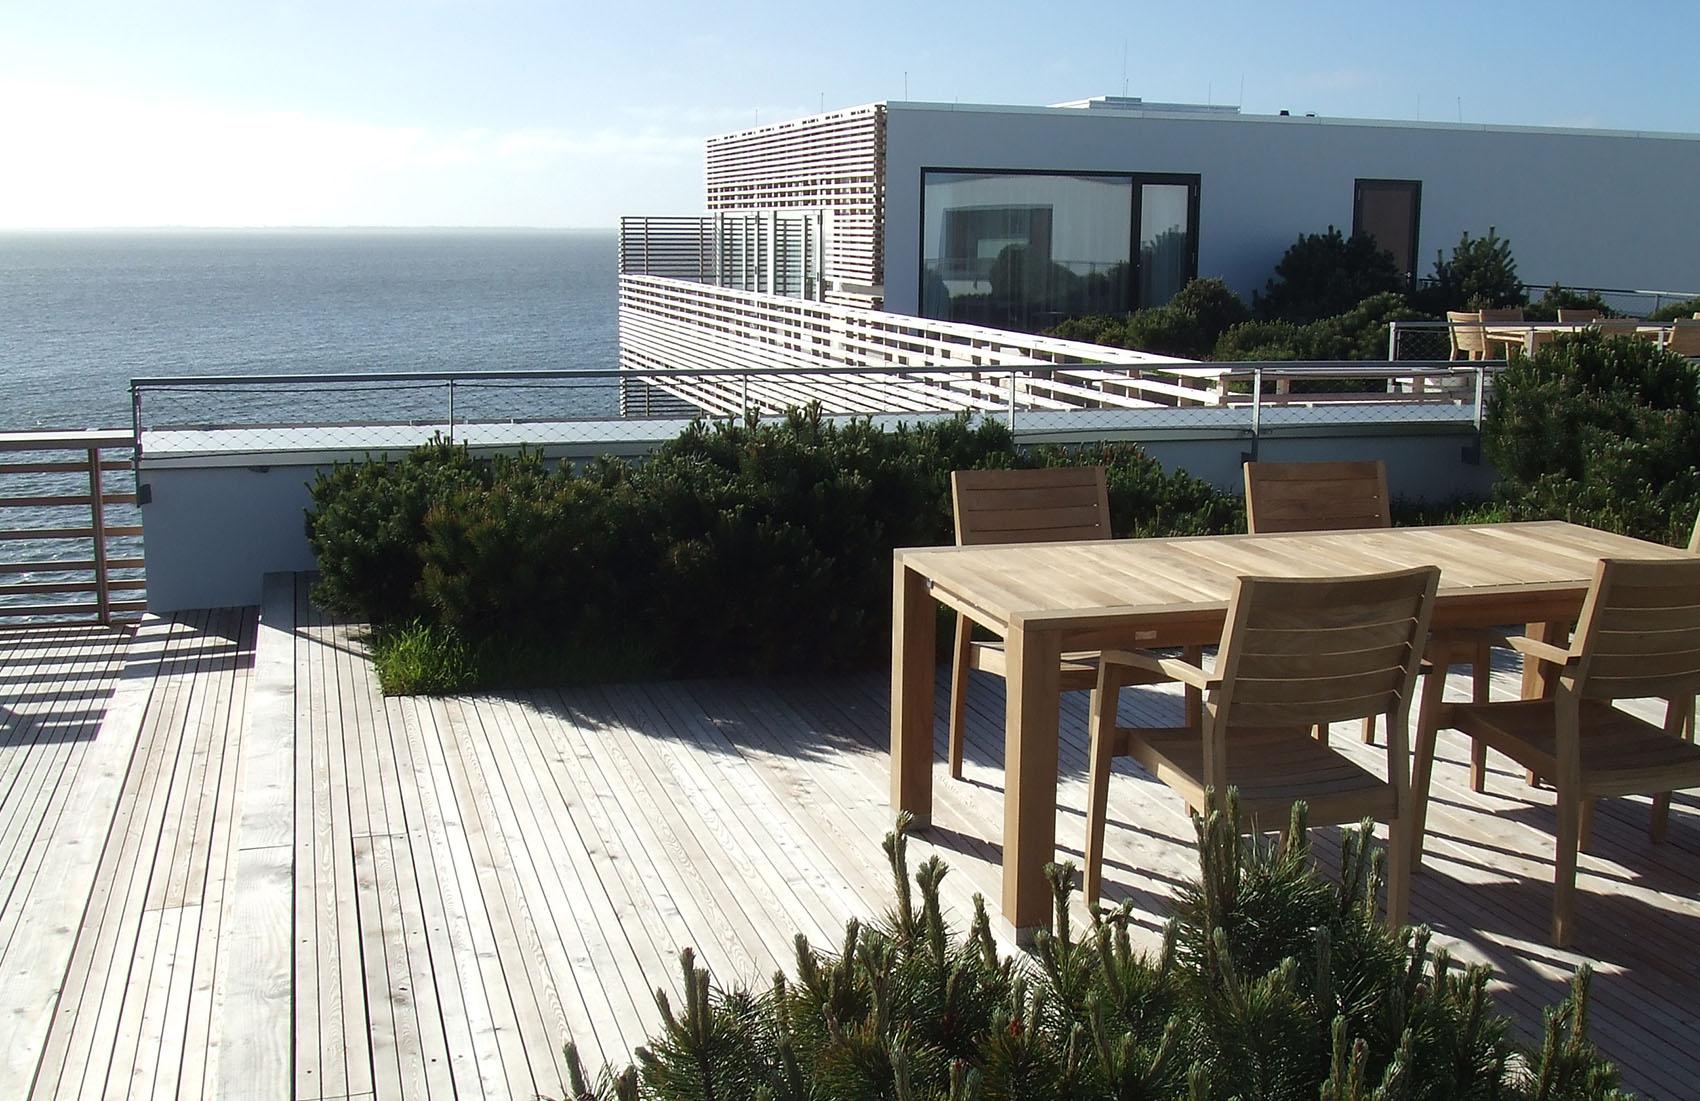 budersand hotel h rnum sylt wiggenhorn van den h vel landschaftsarchitekten bdla. Black Bedroom Furniture Sets. Home Design Ideas